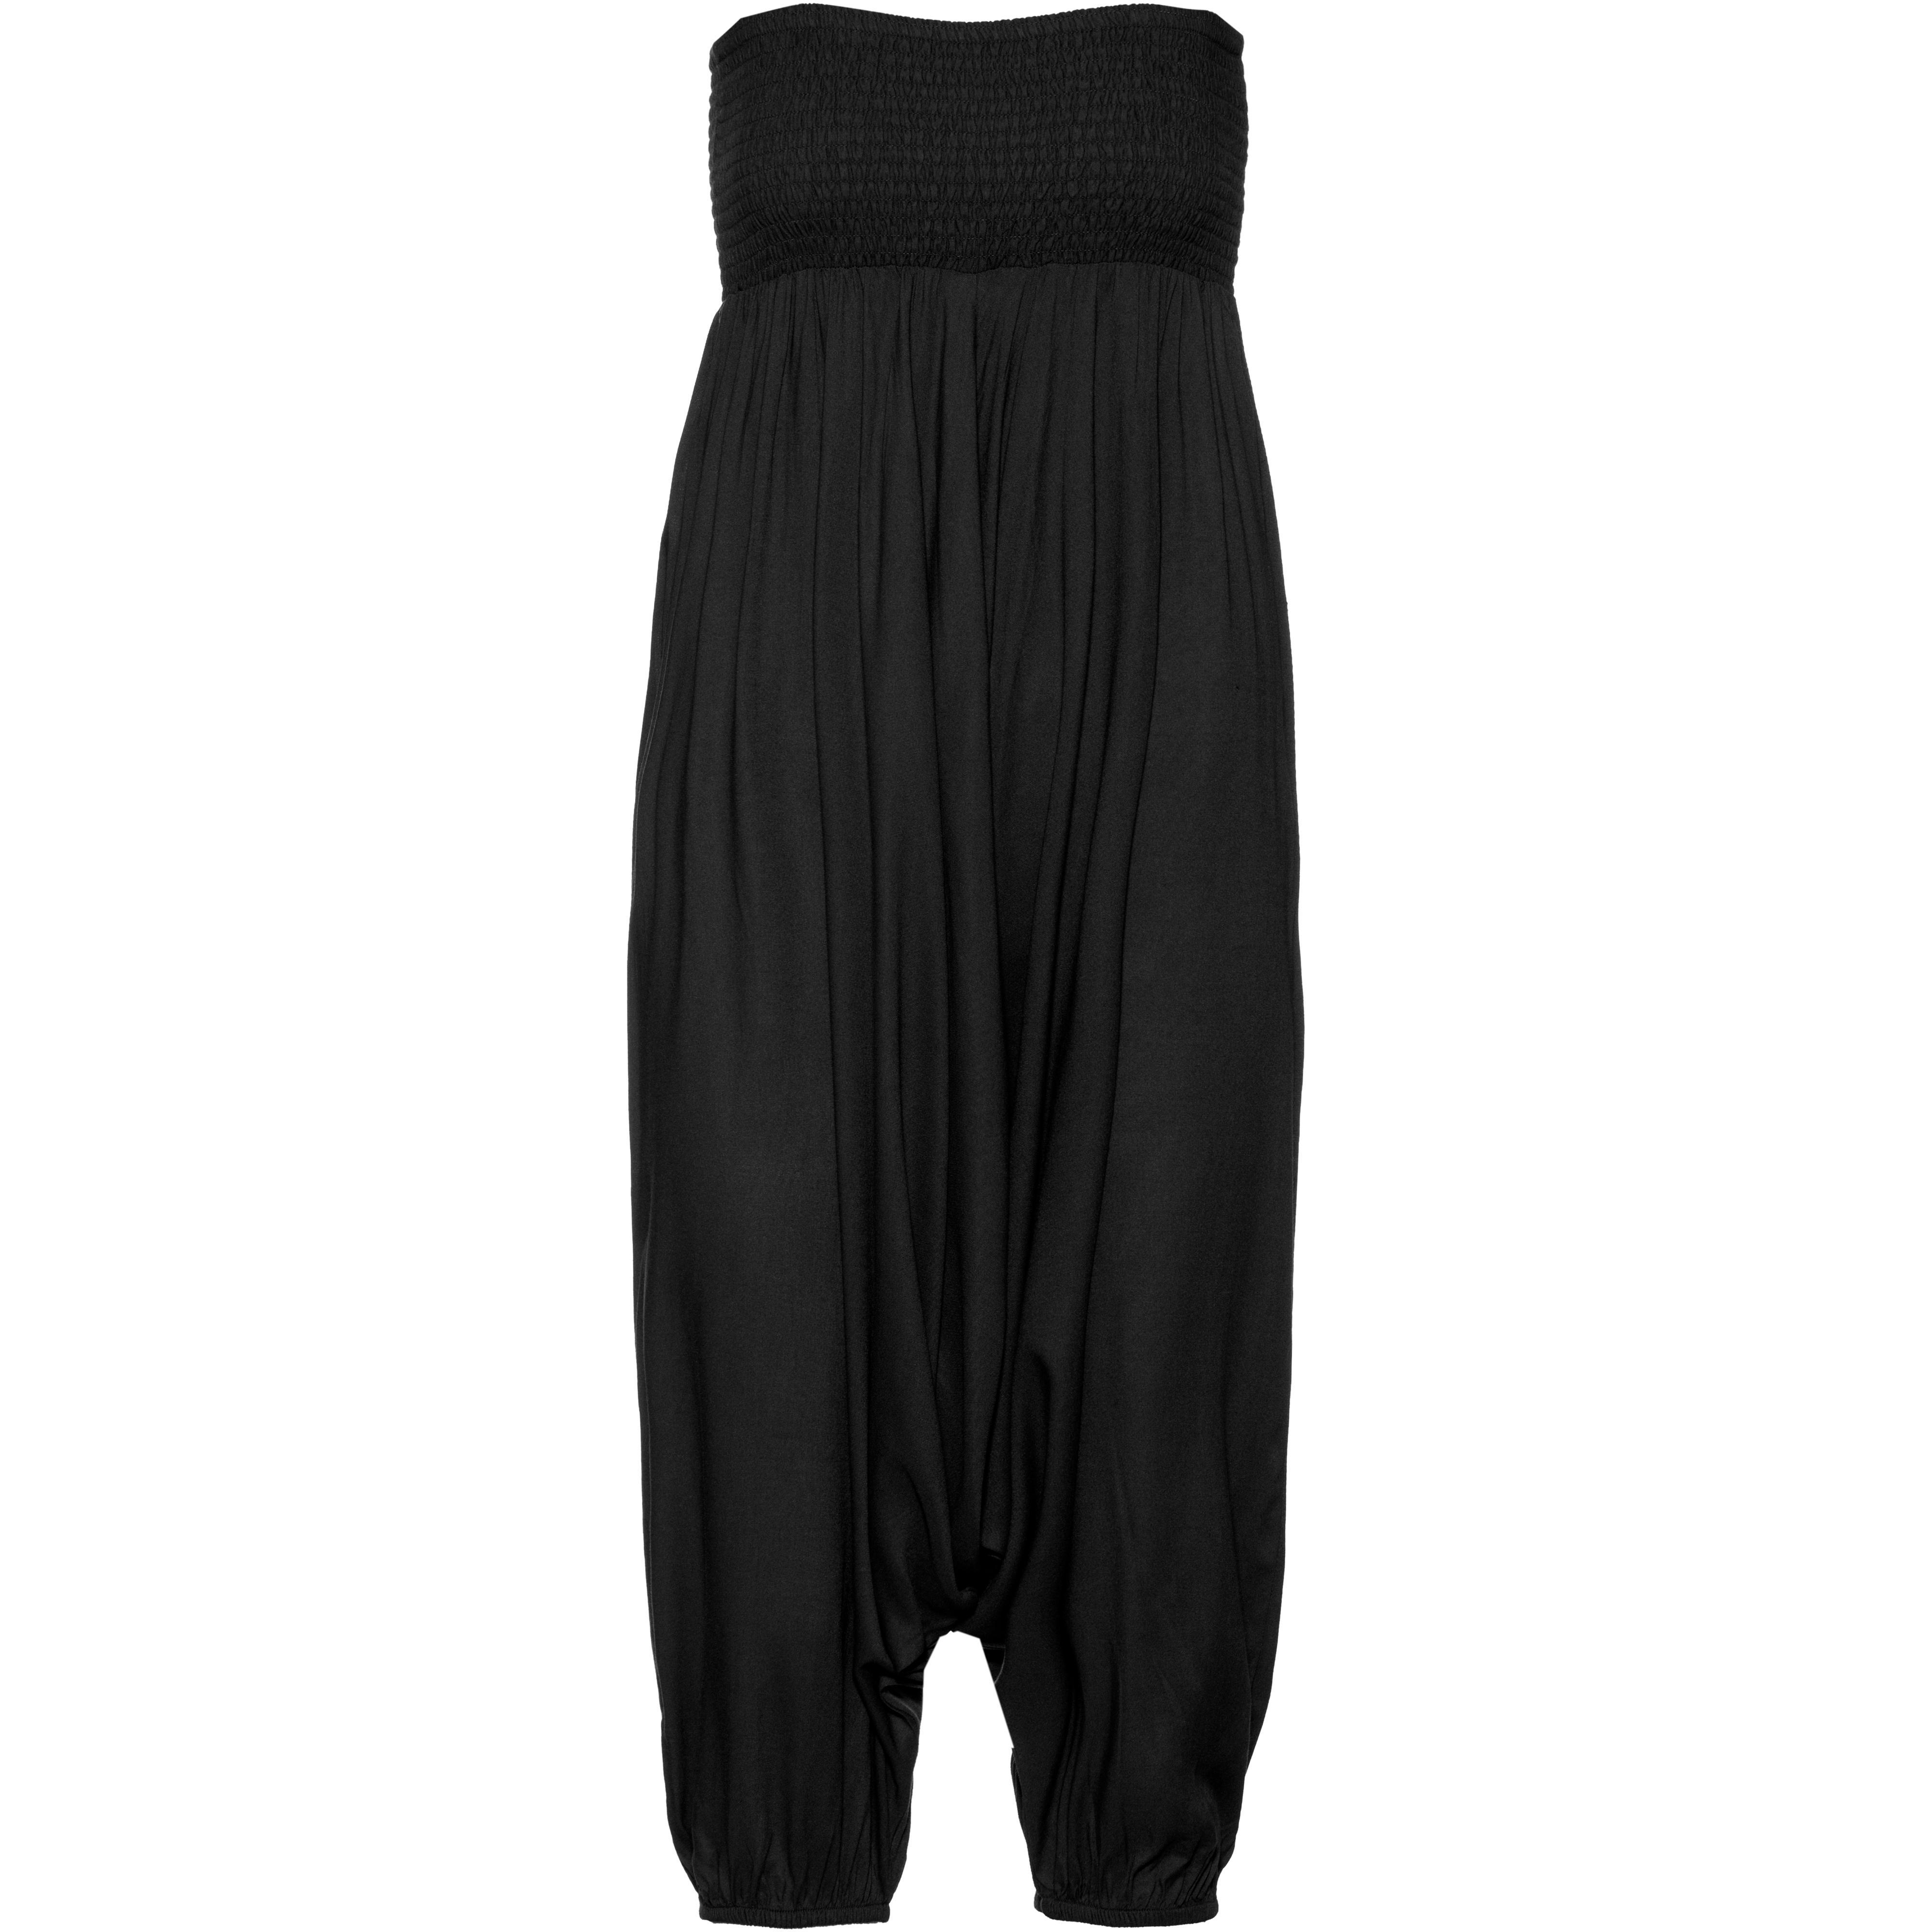 Maui Wowie Jumpsuit Damen schwarz im Online Shop von SportScheck kaufen